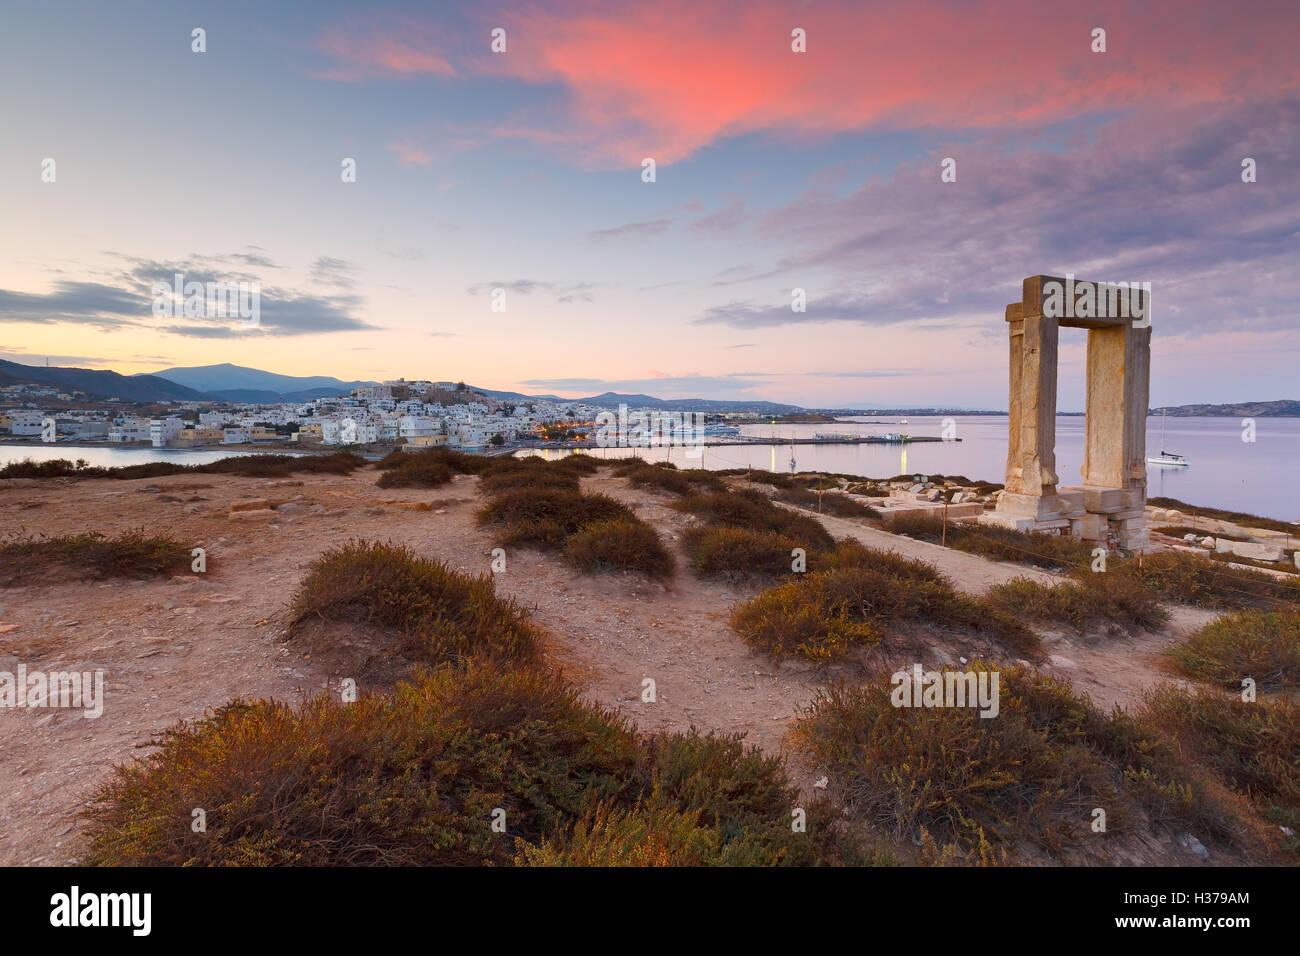 Vista de Portara y restos del templo de Apolo en el amanecer. Imagen De Stock